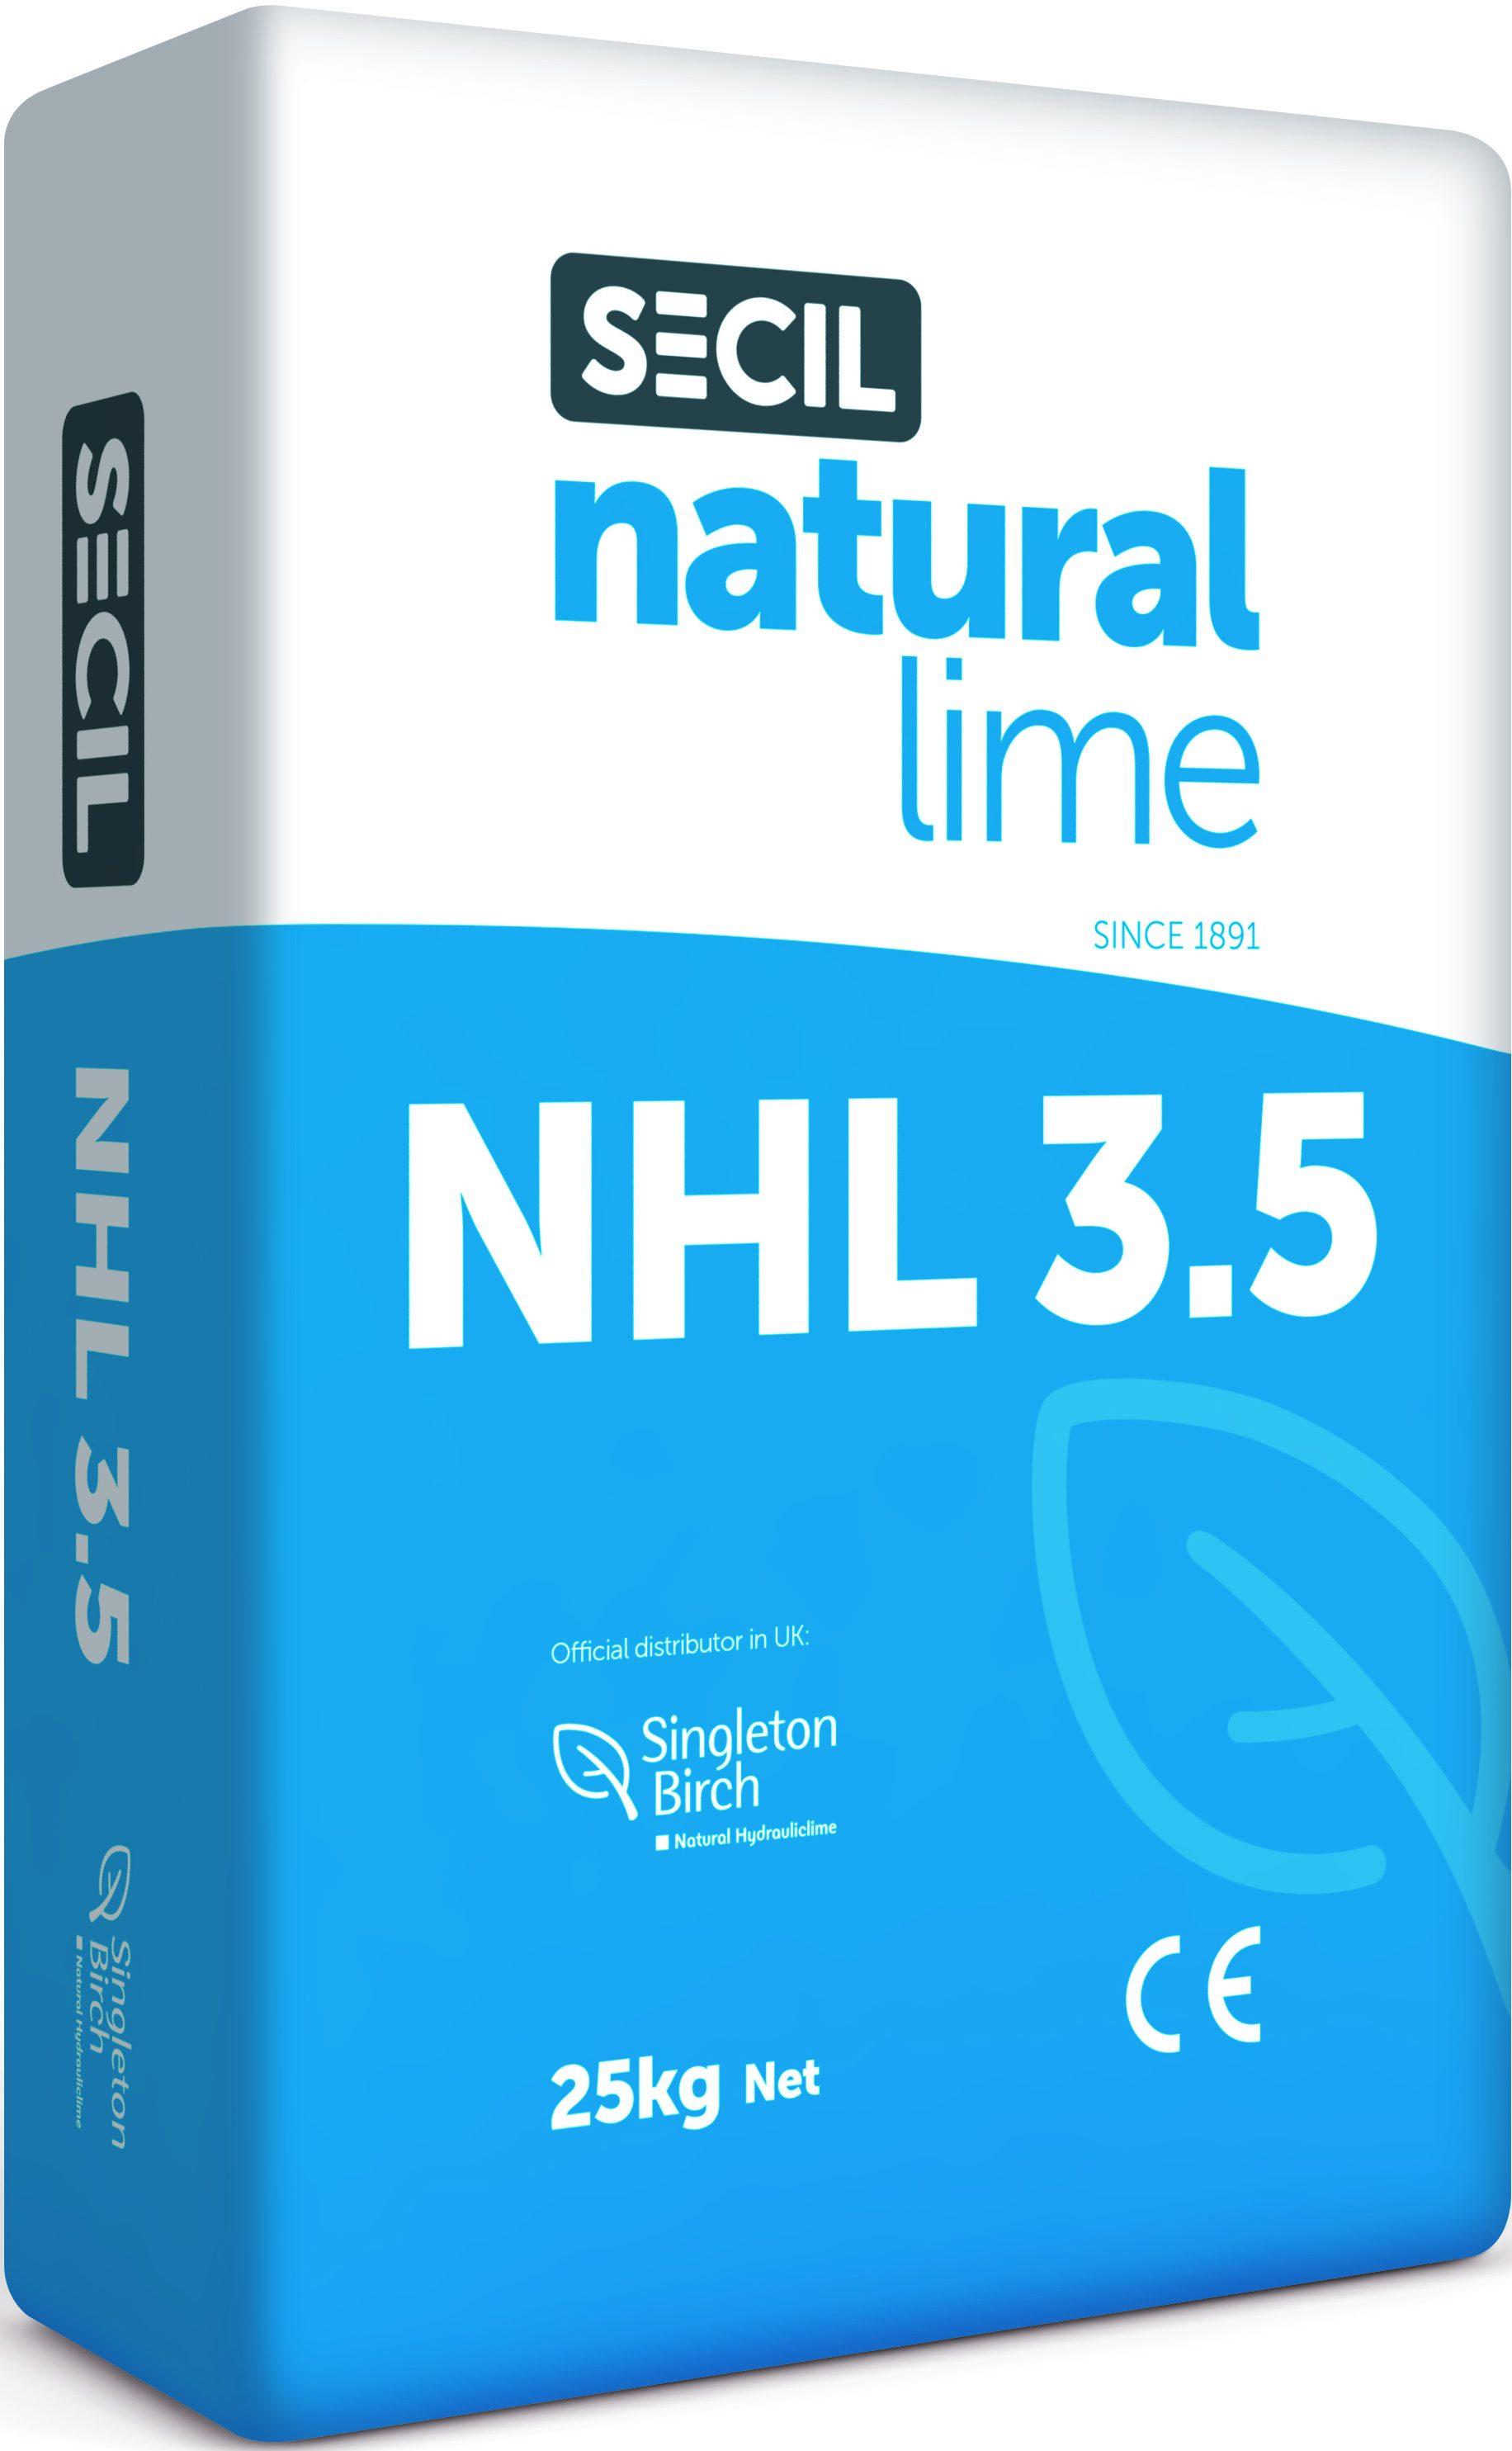 Secil NHL3.5